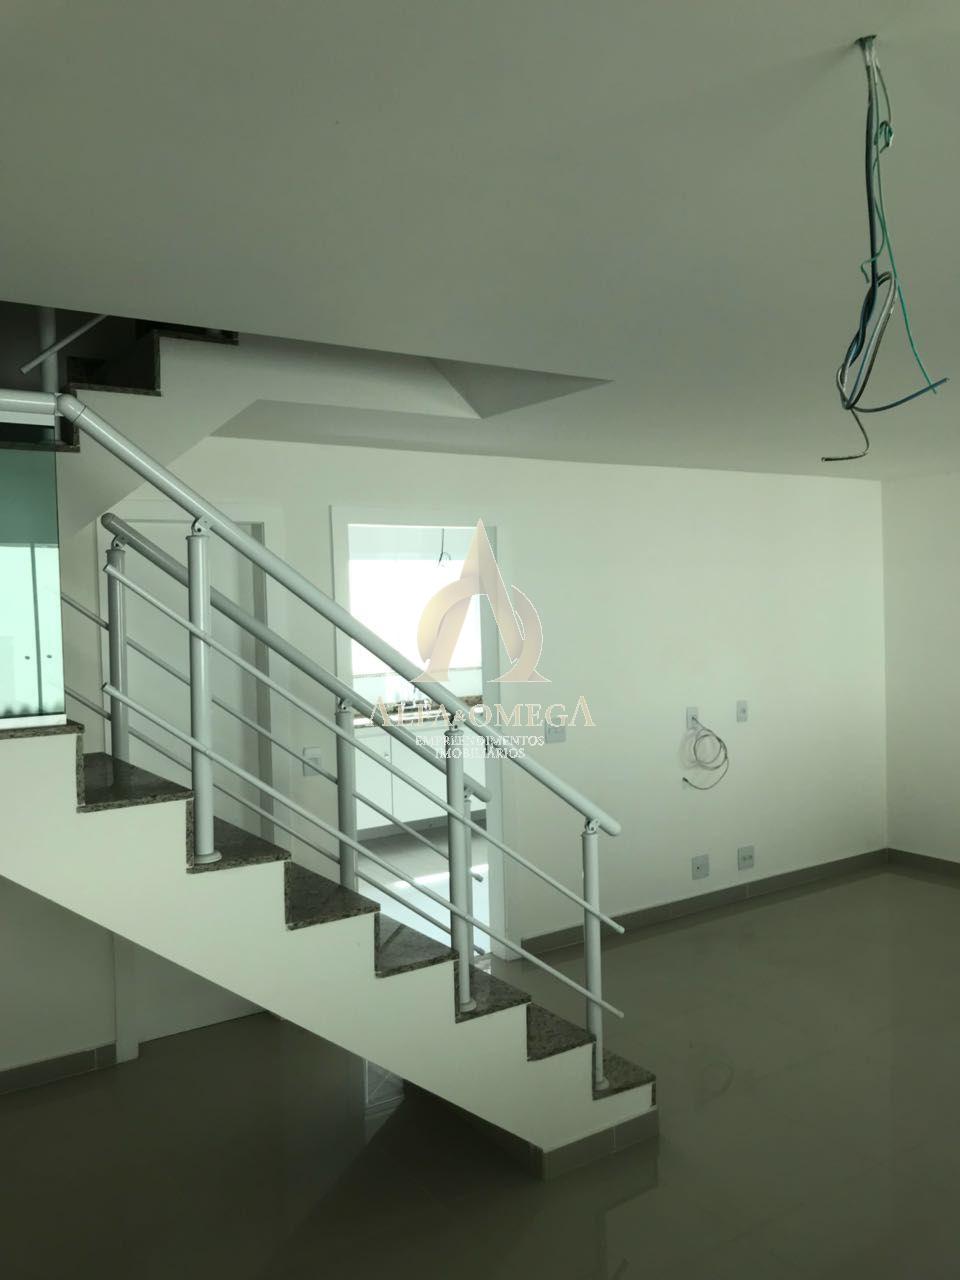 FOTO 3 - Casa Taquara, Rio de Janeiro, RJ À Venda, 3 Quartos, 120m² - AOJ60015 - 3